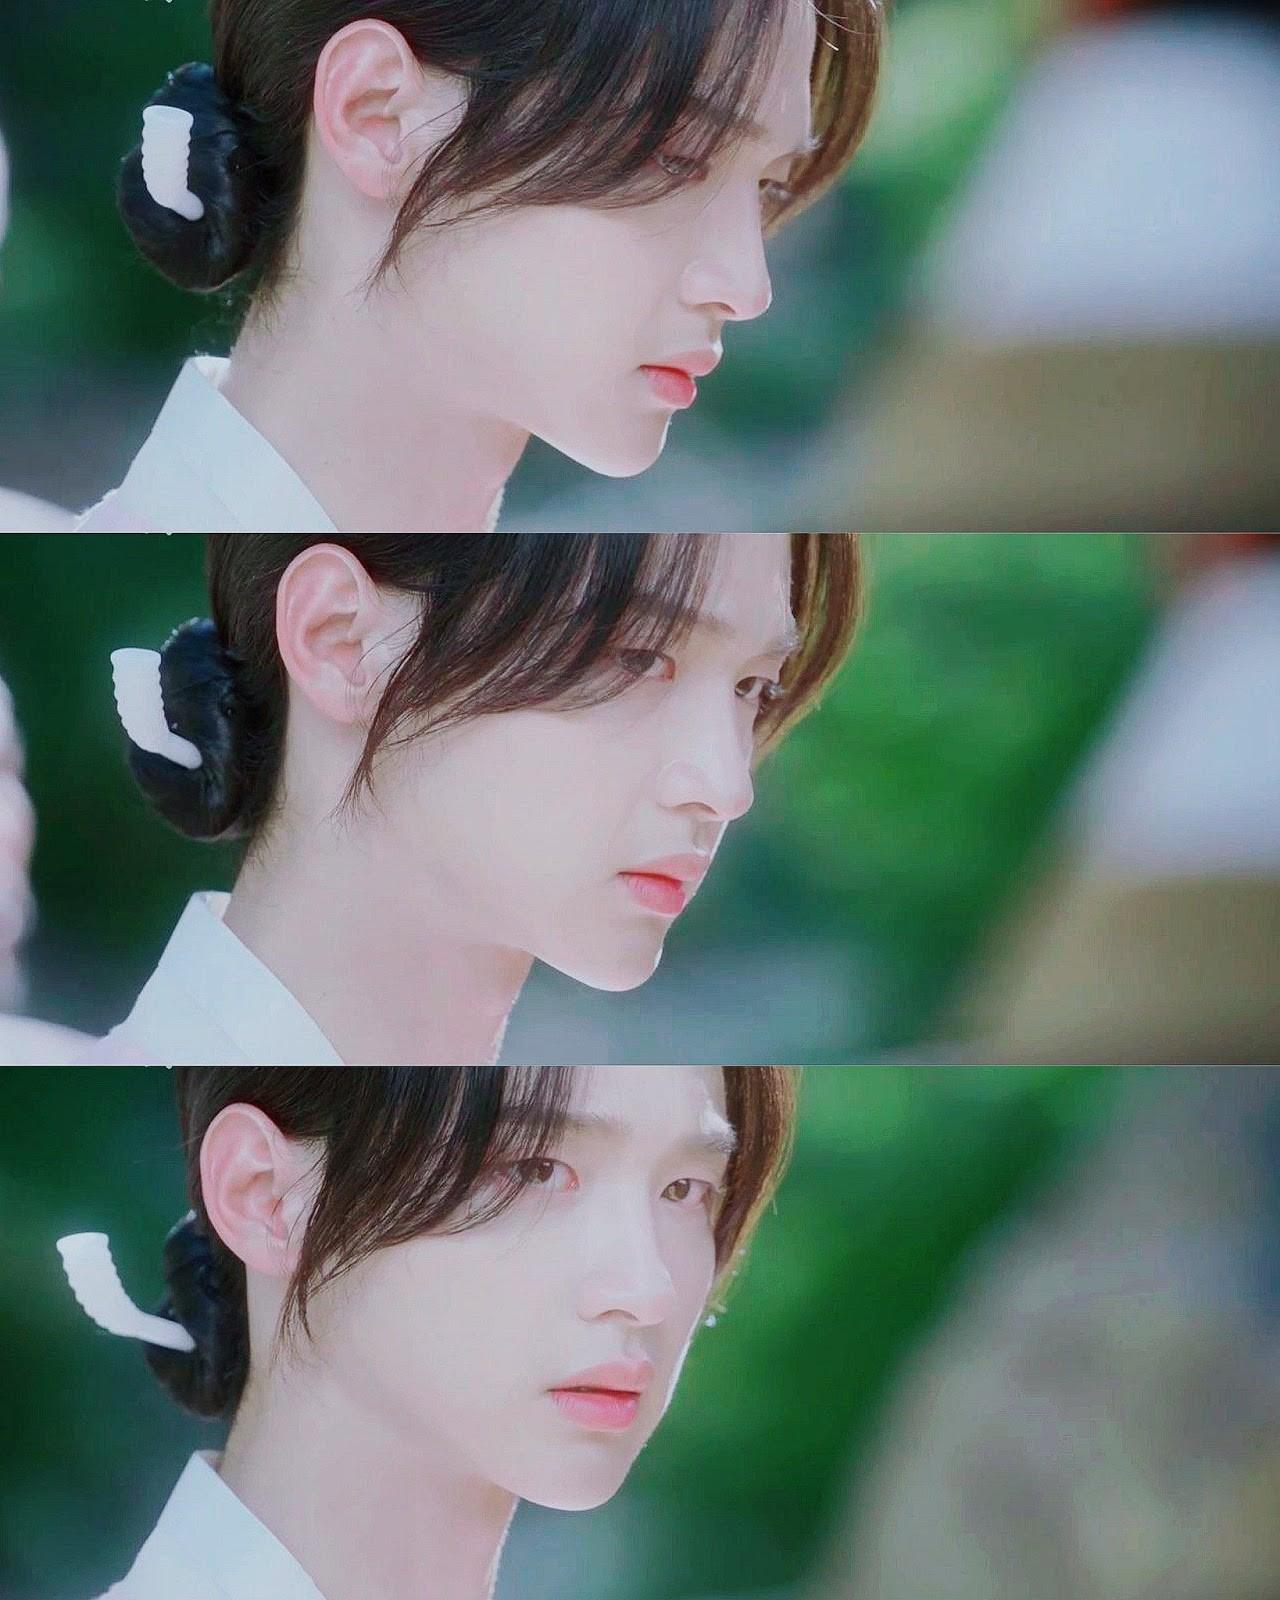 Jang Dong Yoon (Tiểu Sử Chàng Nok Du) giả gái quá đẹp, đố ai mà không thốt lên: Anh hay Kim So Hyun mới là nữ chính? - Ảnh 2.